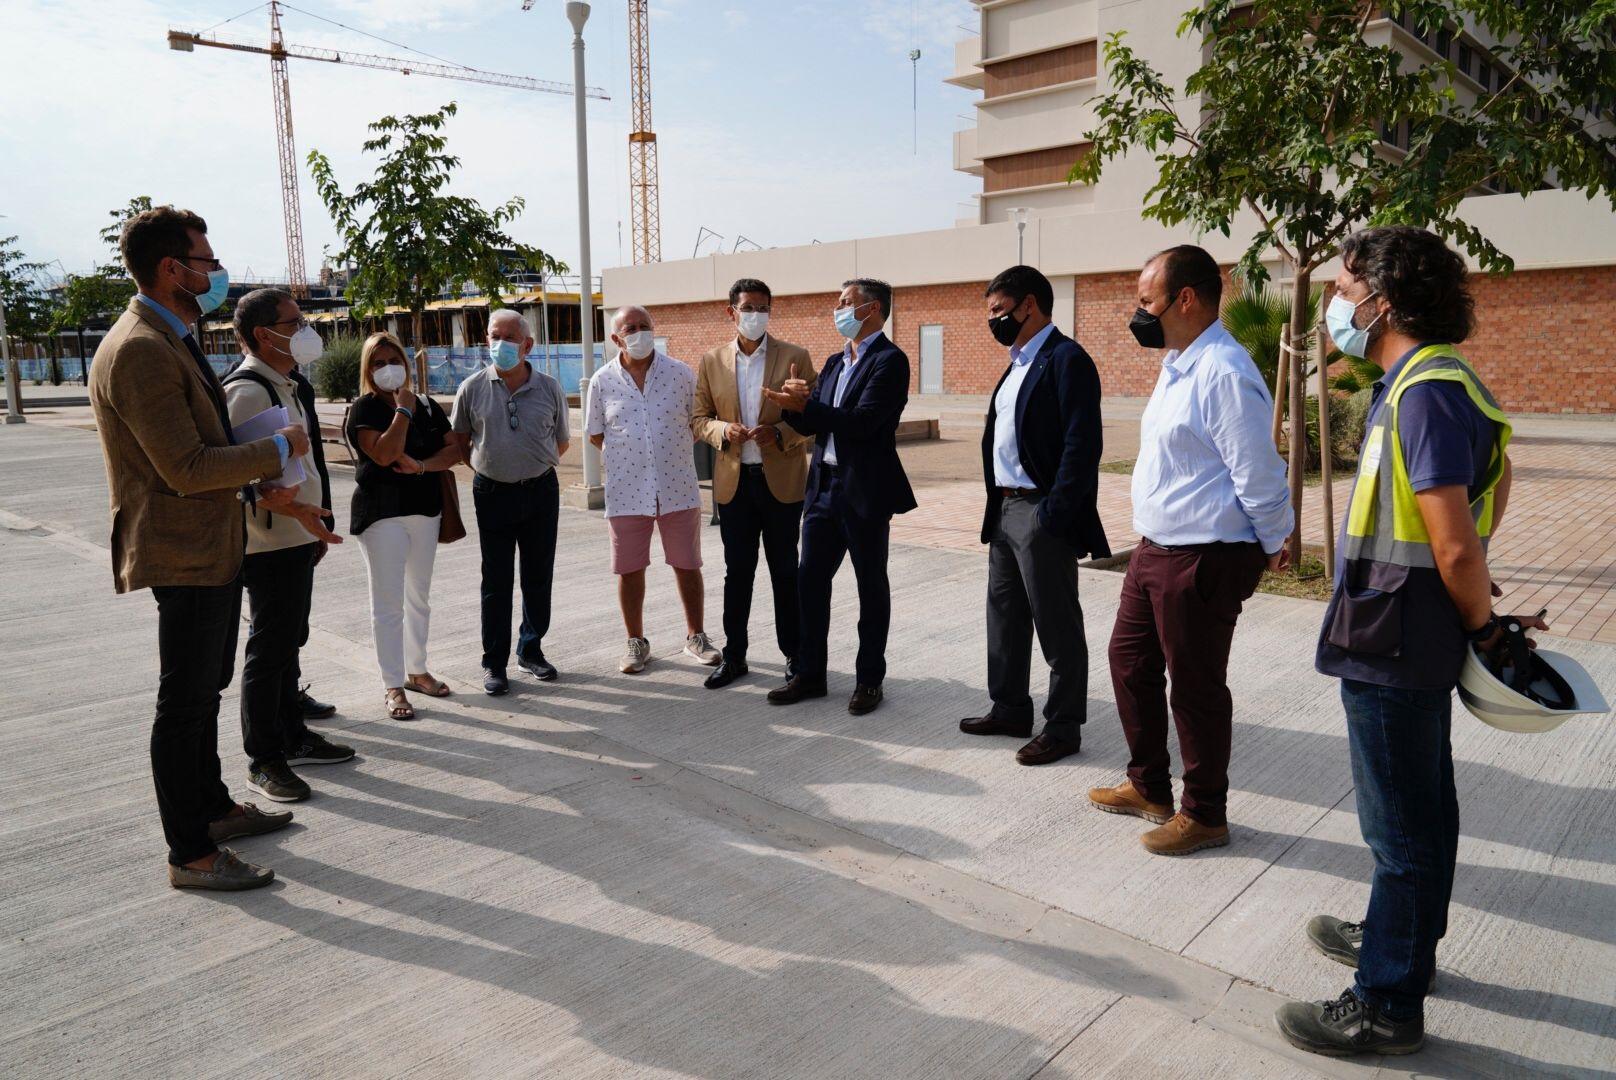 Cuenca solicita a la Junta la ampliación del CEIP Eugenia de Montijo ante la previsión de la llegada de más de 2.300 familias a la nueva zona de expansión de La Chana